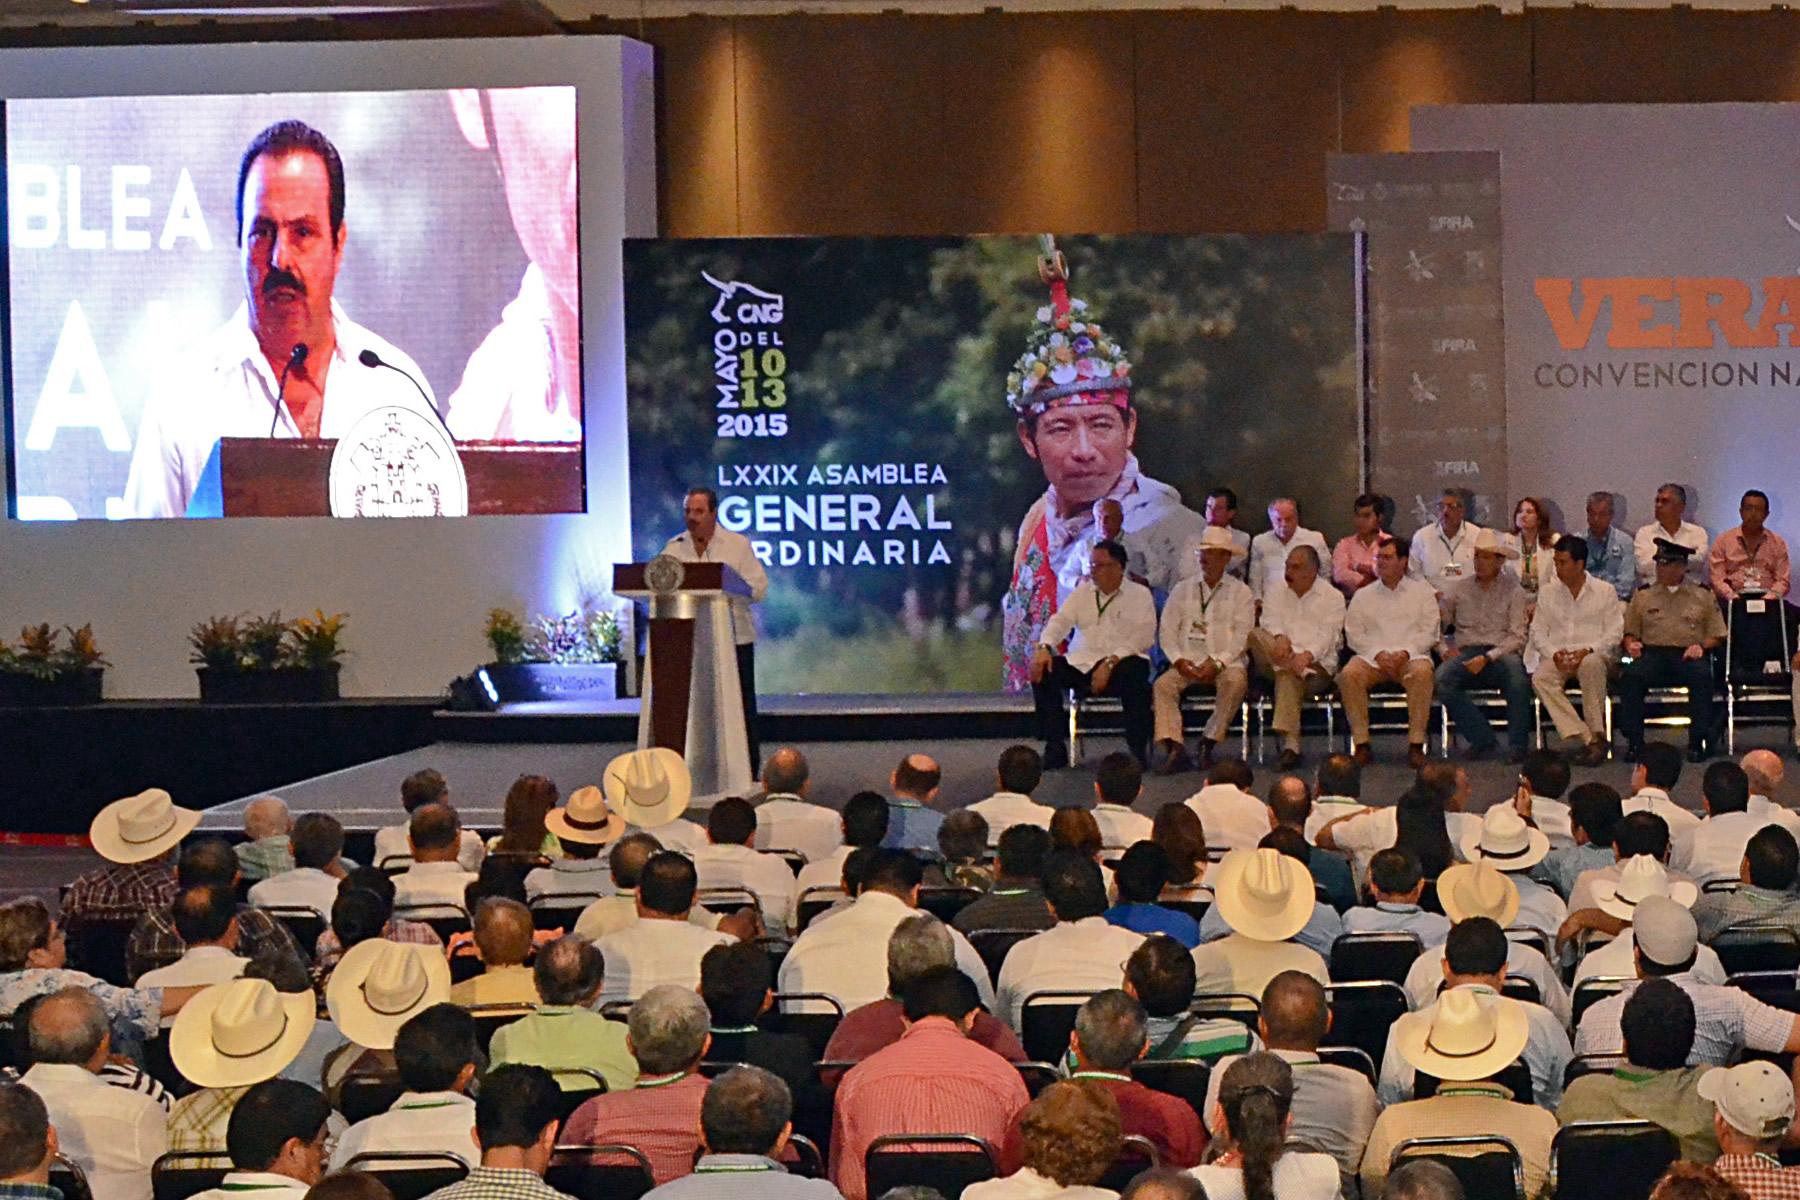 La contribución de la ganadería en el crecimiento y desarrollo del sector primario nacional, a través de su capacidad de organización y cohesión, es una referencia en el sector agroalimentario.